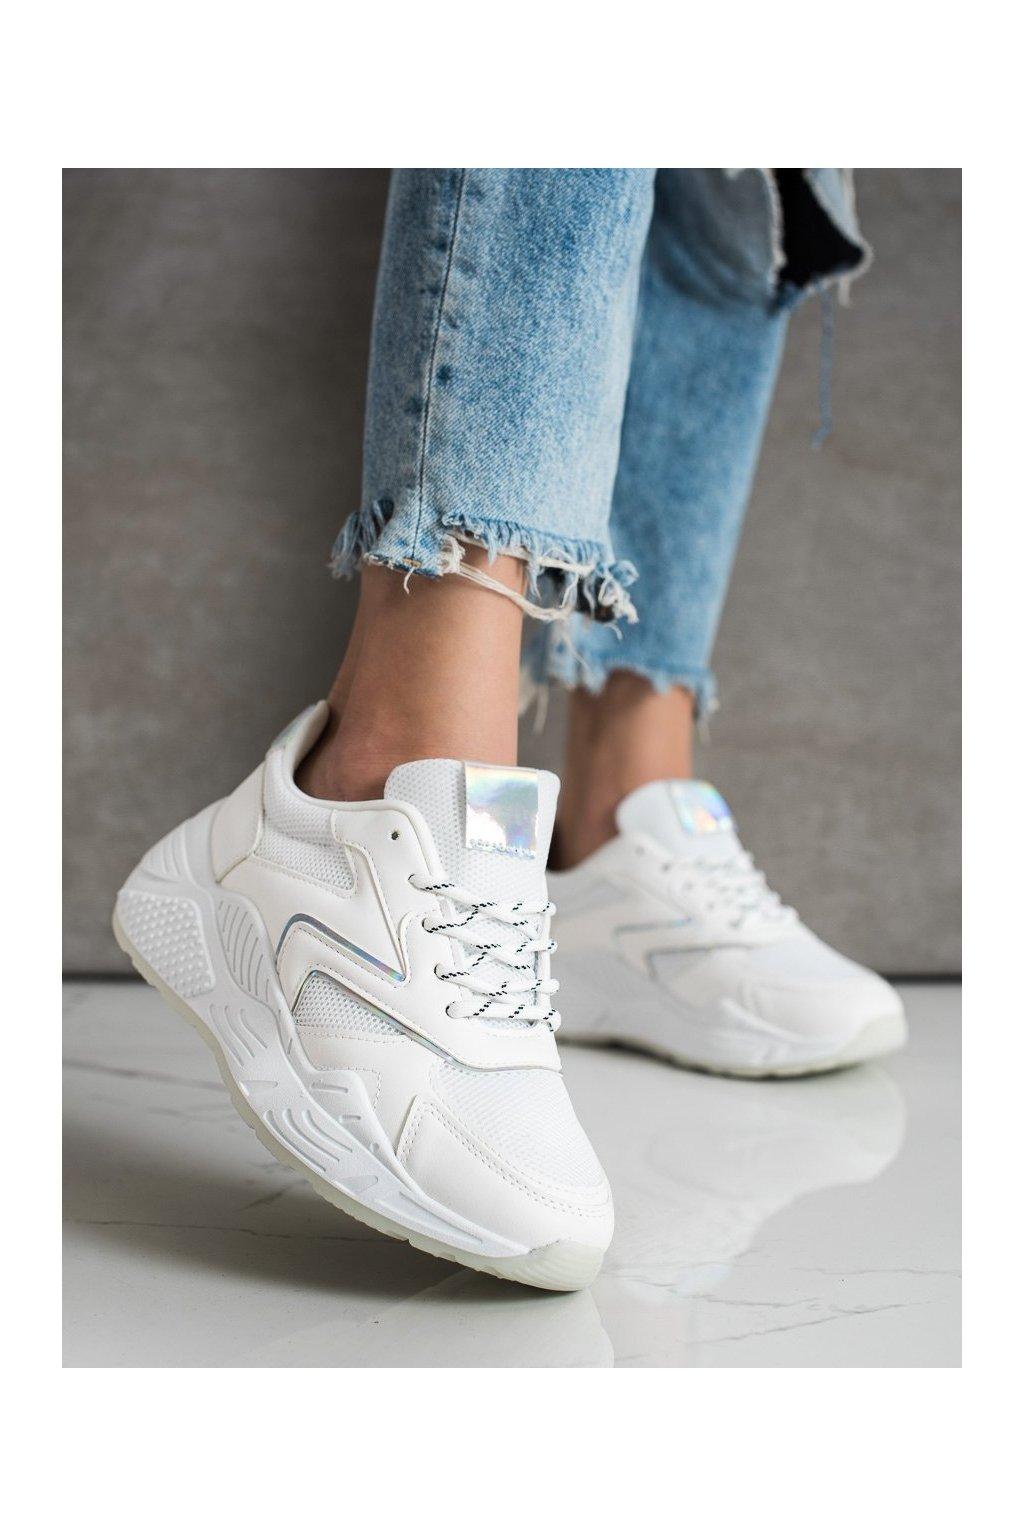 Biele tenisky Shelovet kod GB-003W